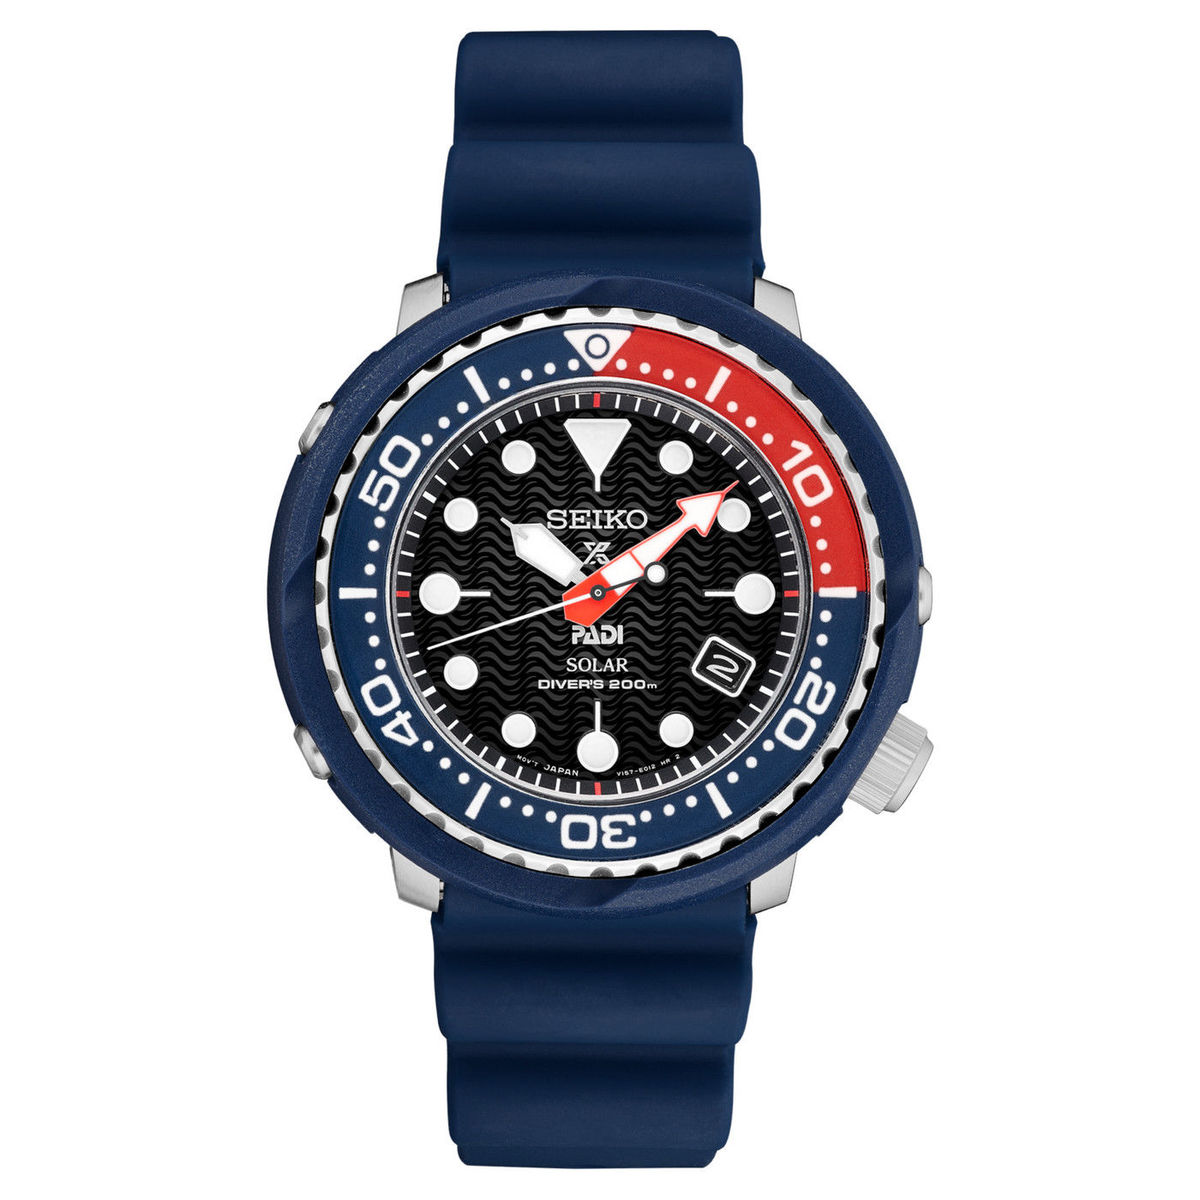 ソーラー セイコー SEIKO 腕時計 時計 PROSPEX DIVER PADI プロスペックス ダイバー ツナ缶 パディ SNE499